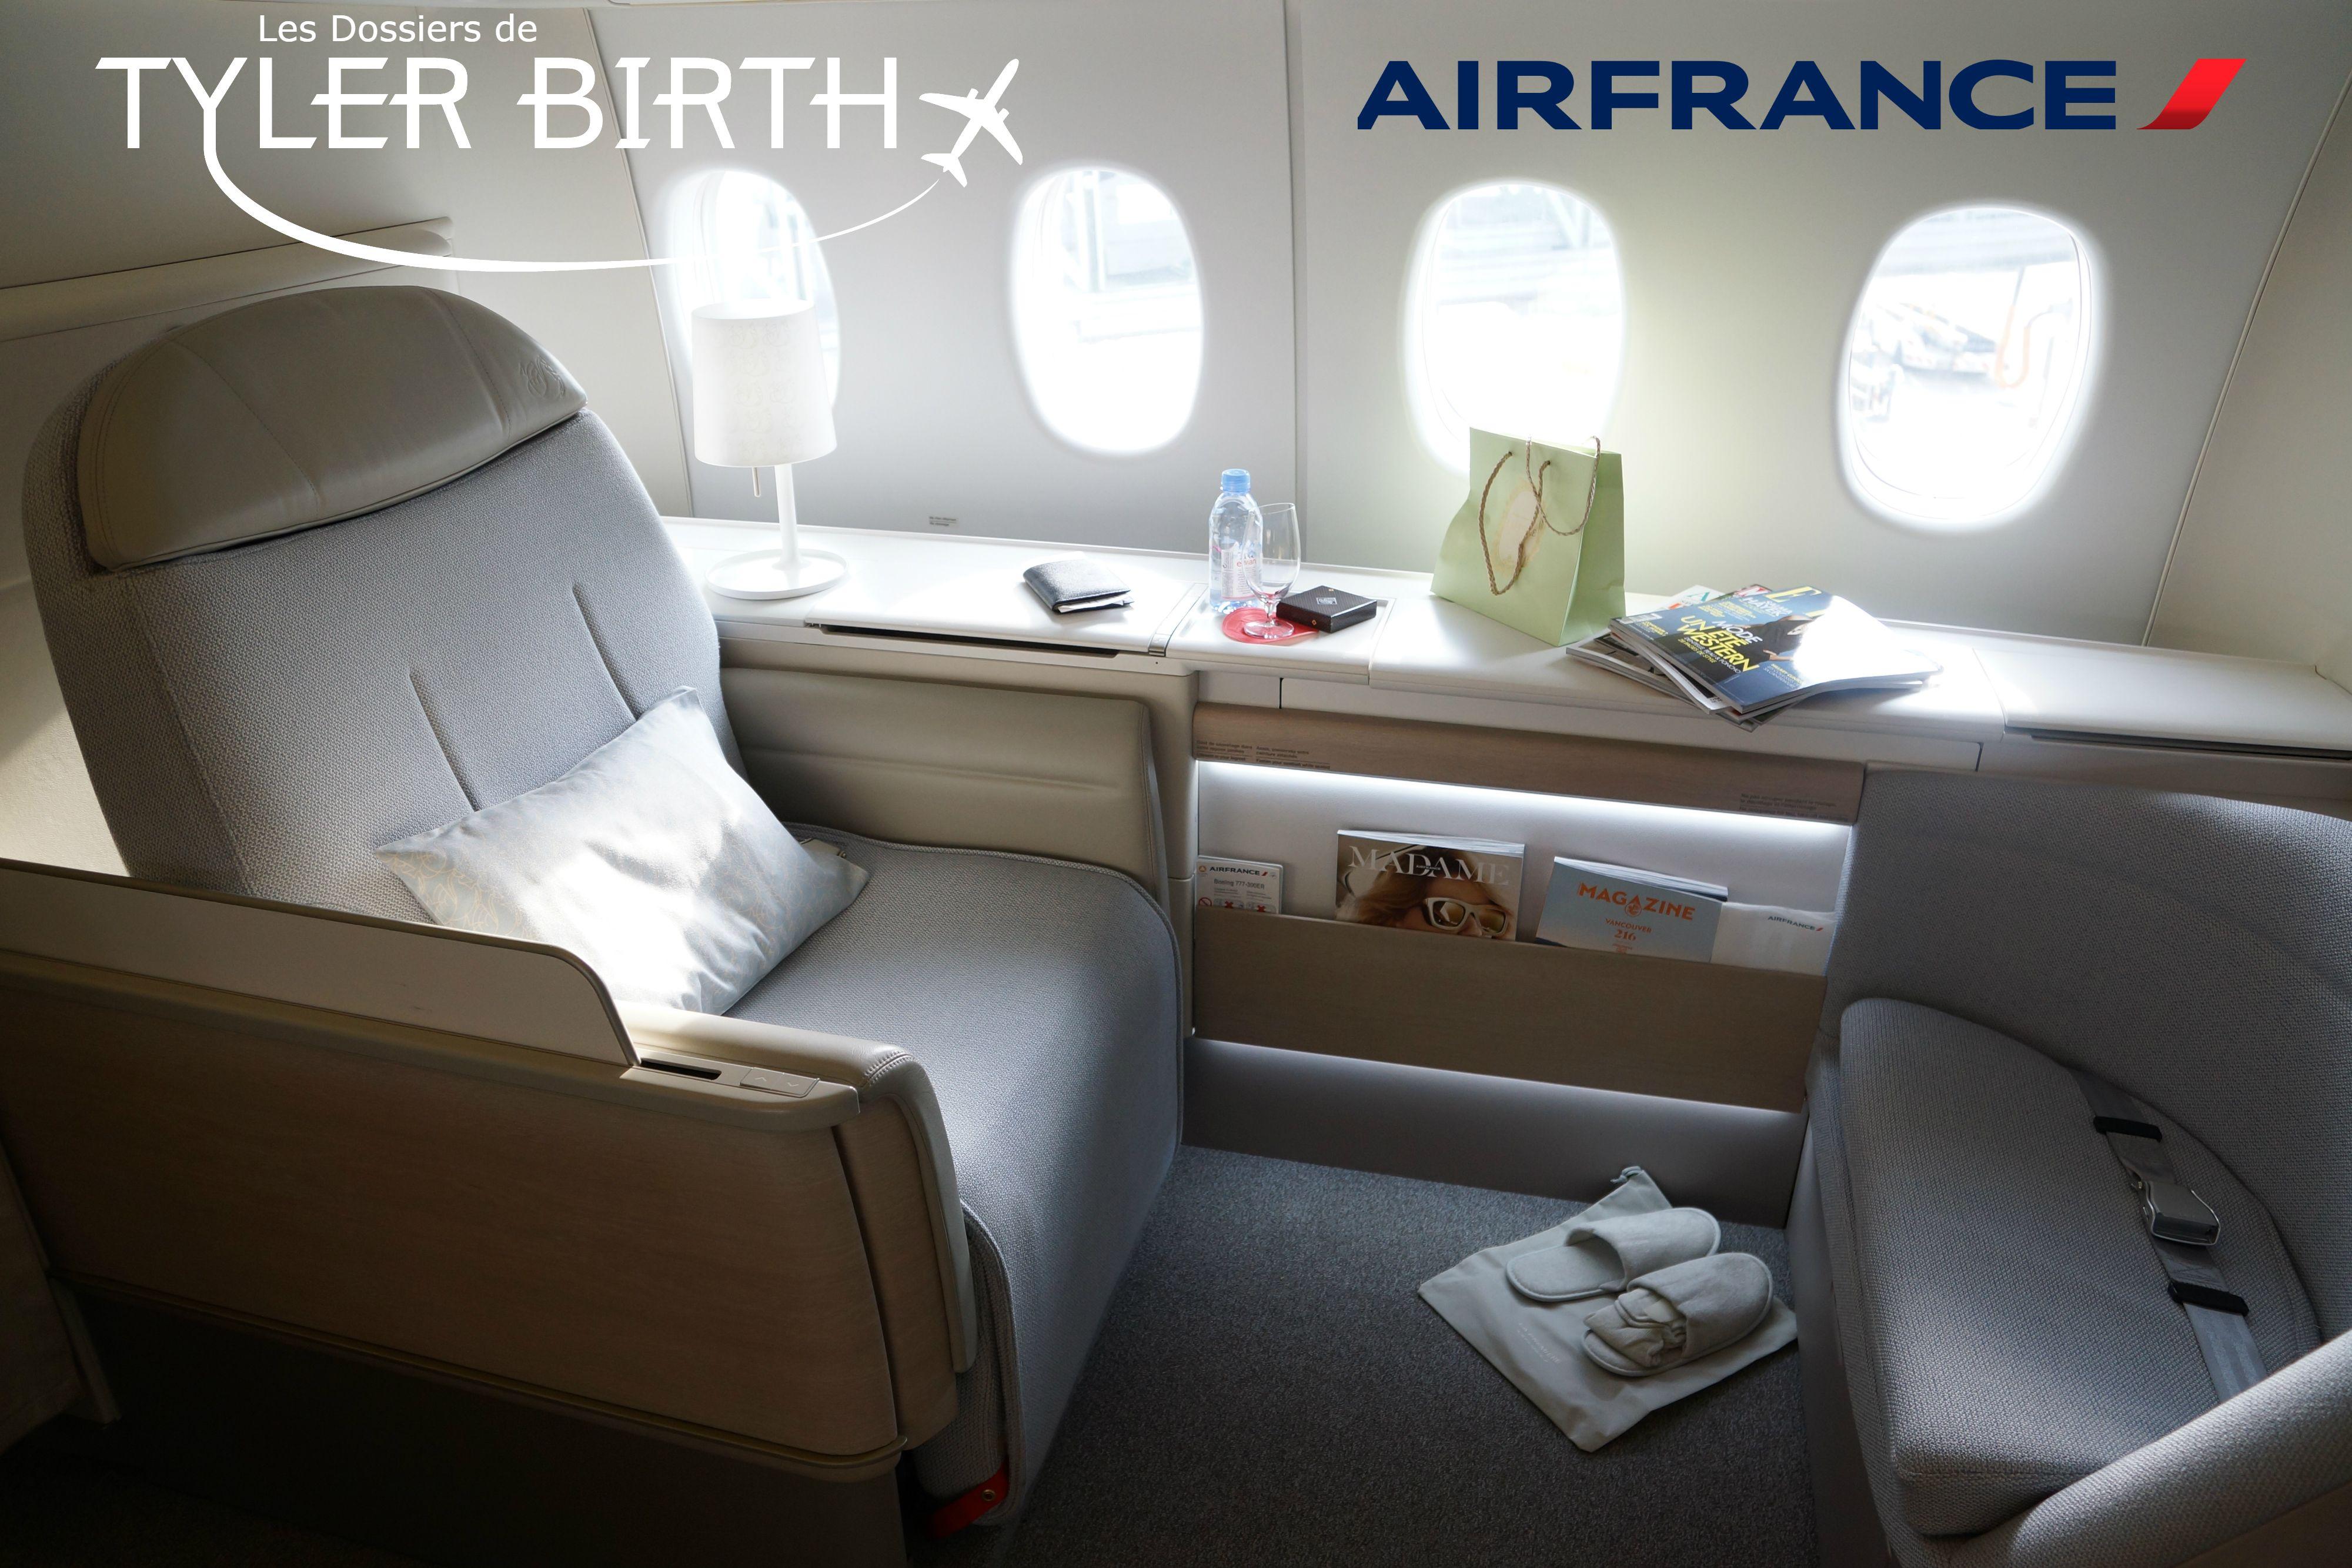 [LES DOSSIERS DE TYLER BIRTH] Air France La Première, un